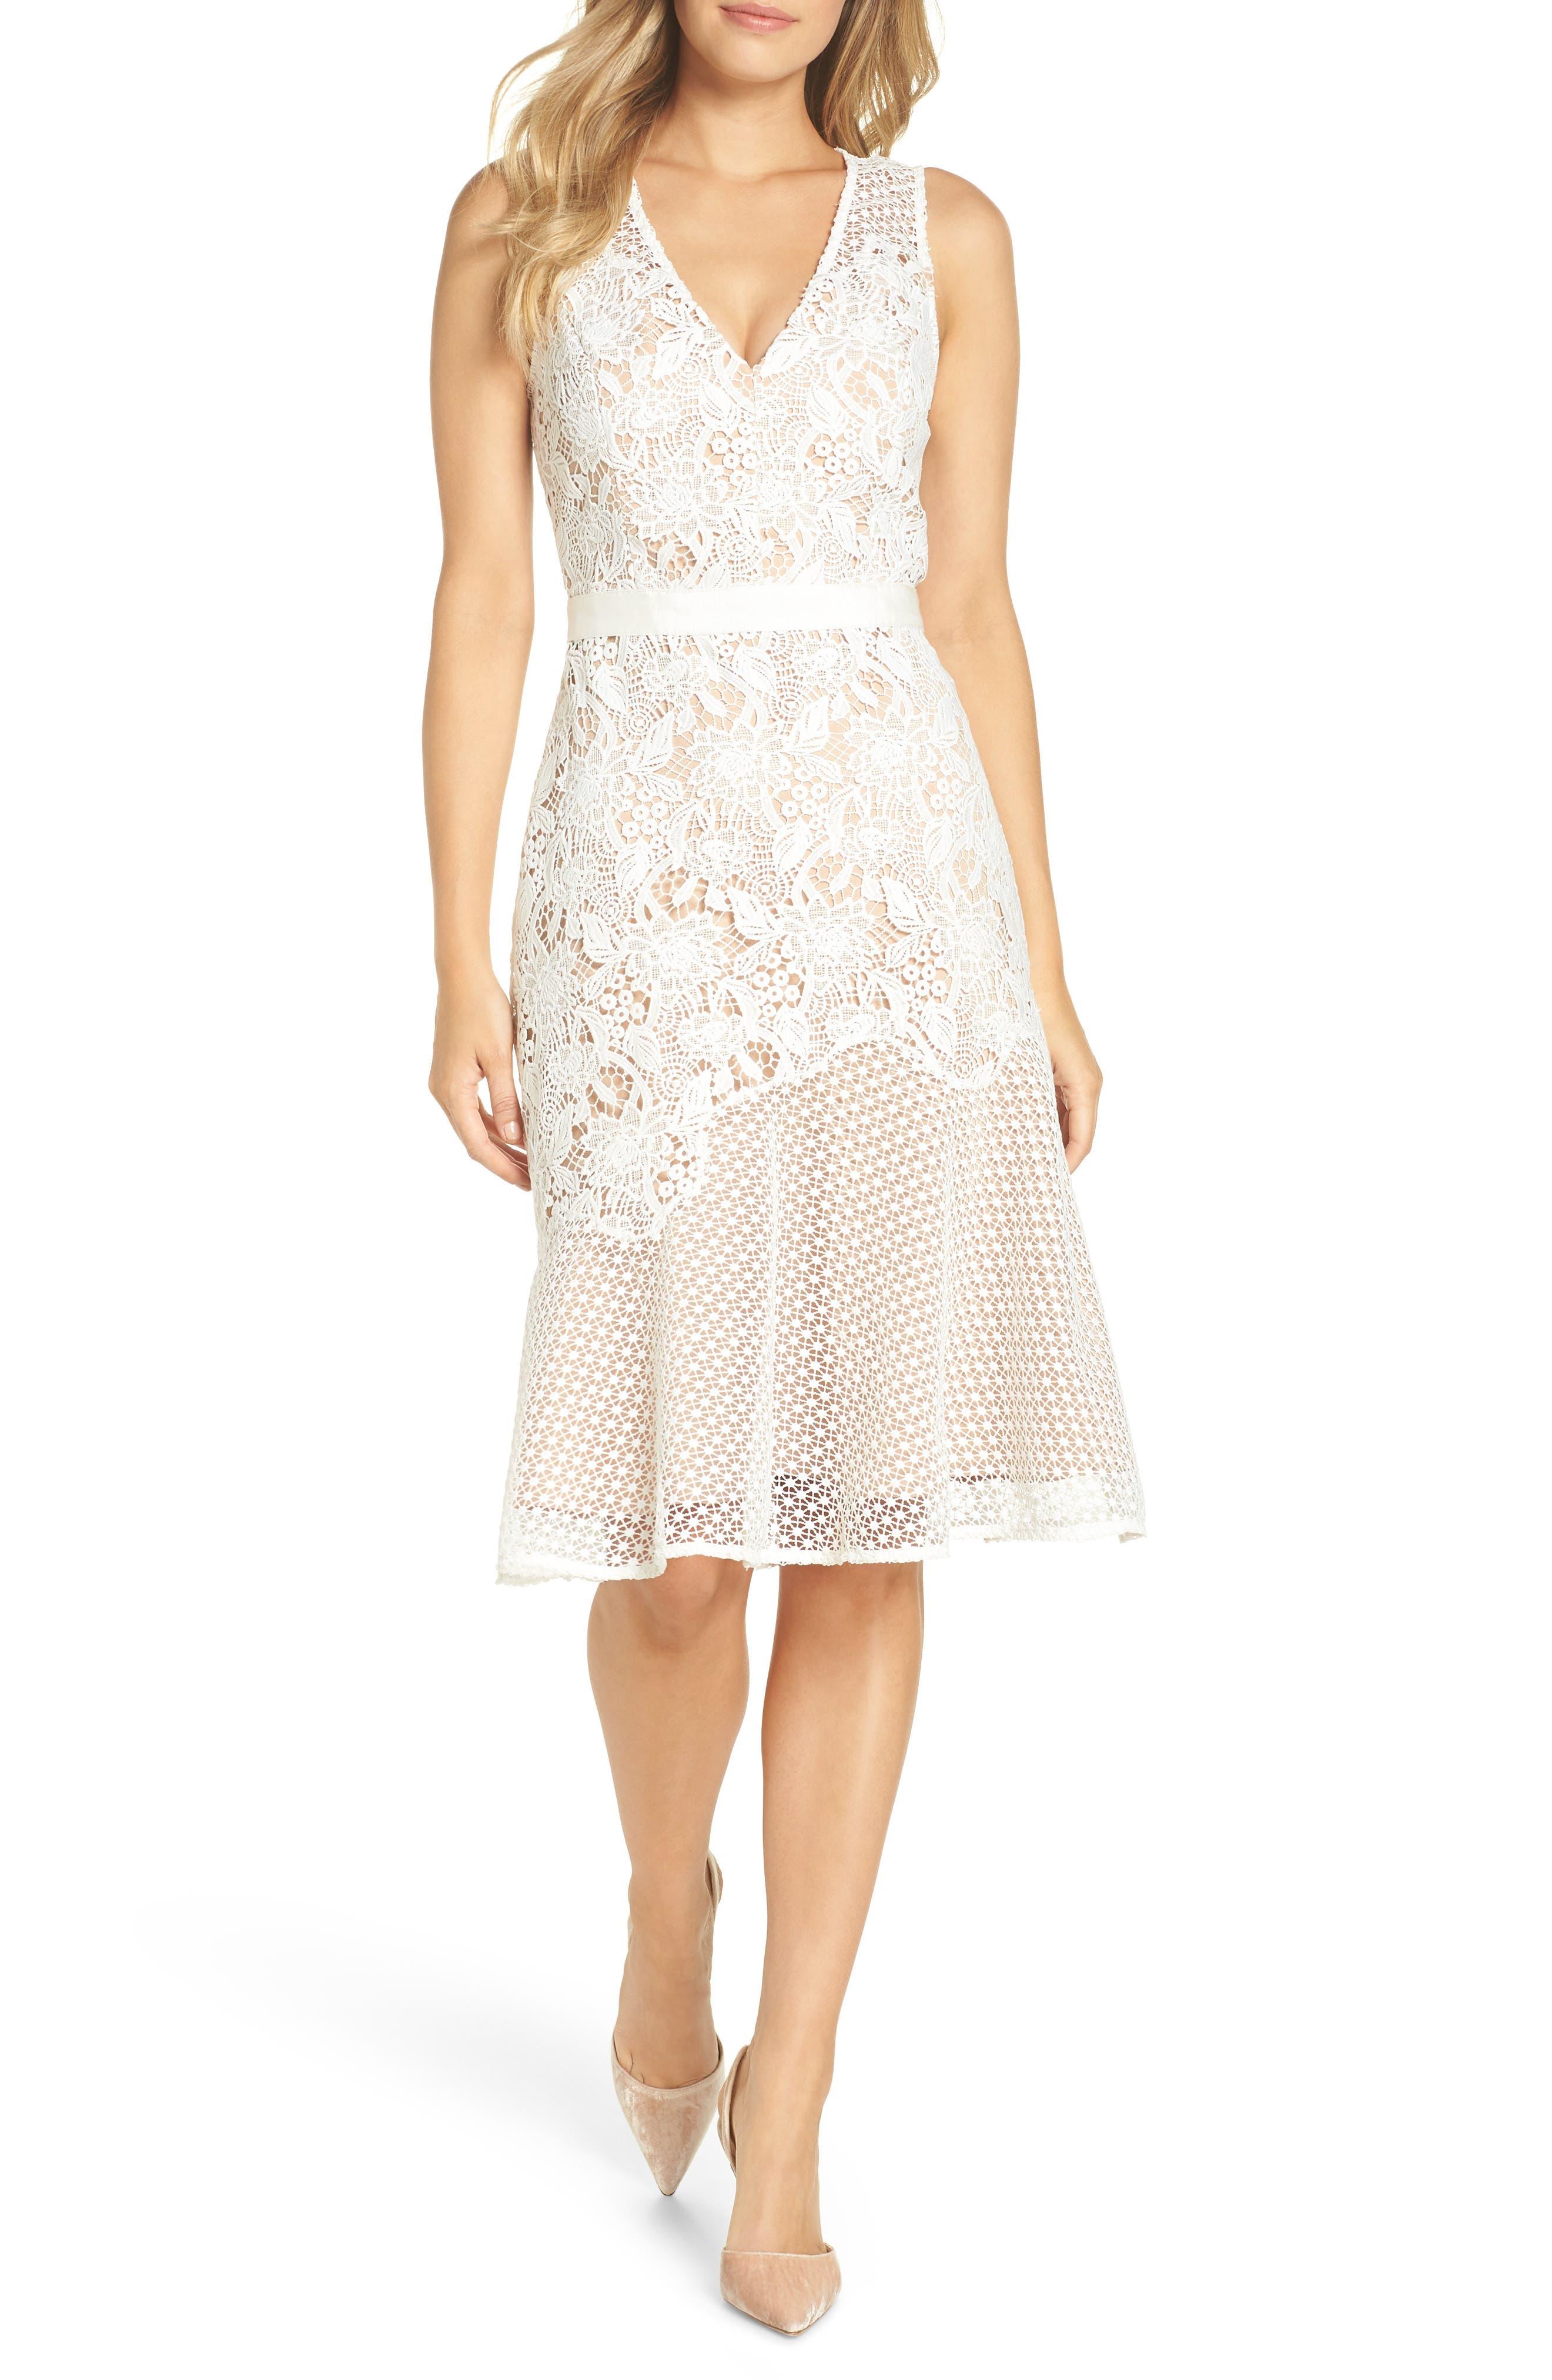 21a0dbf691dc Women s Adelyn Rae Clothing